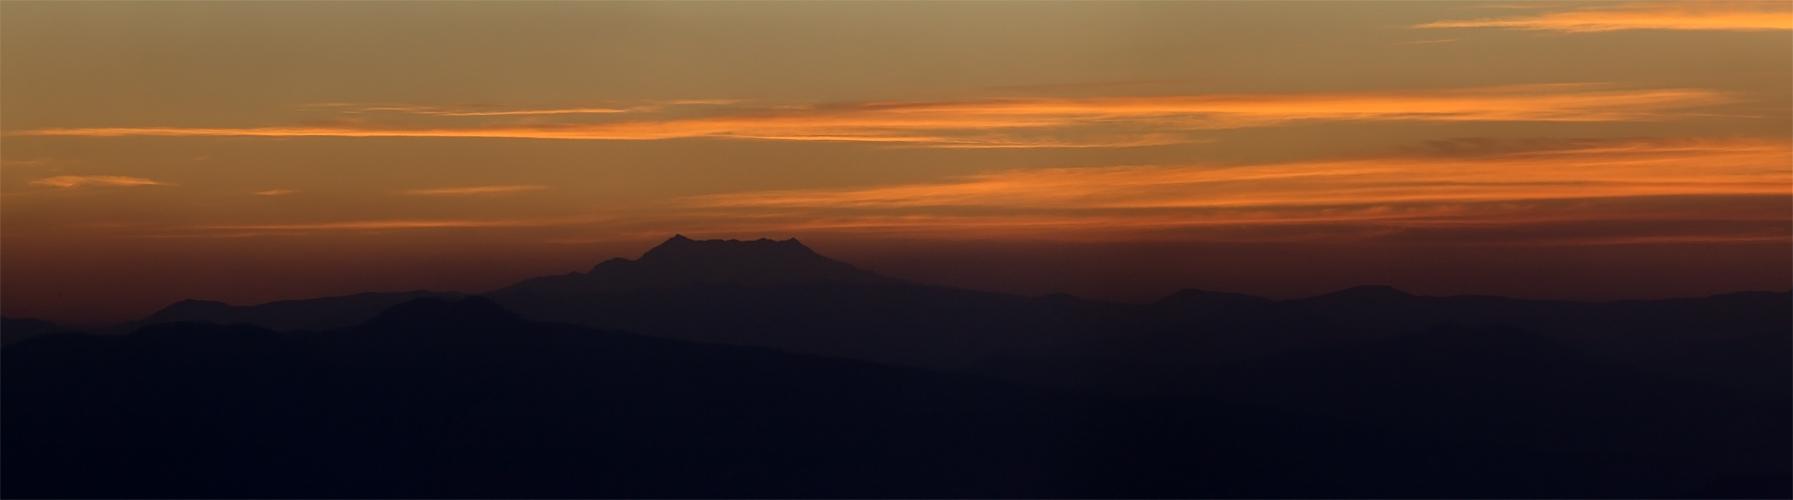 Nevado de Toluca in der Abendsonne